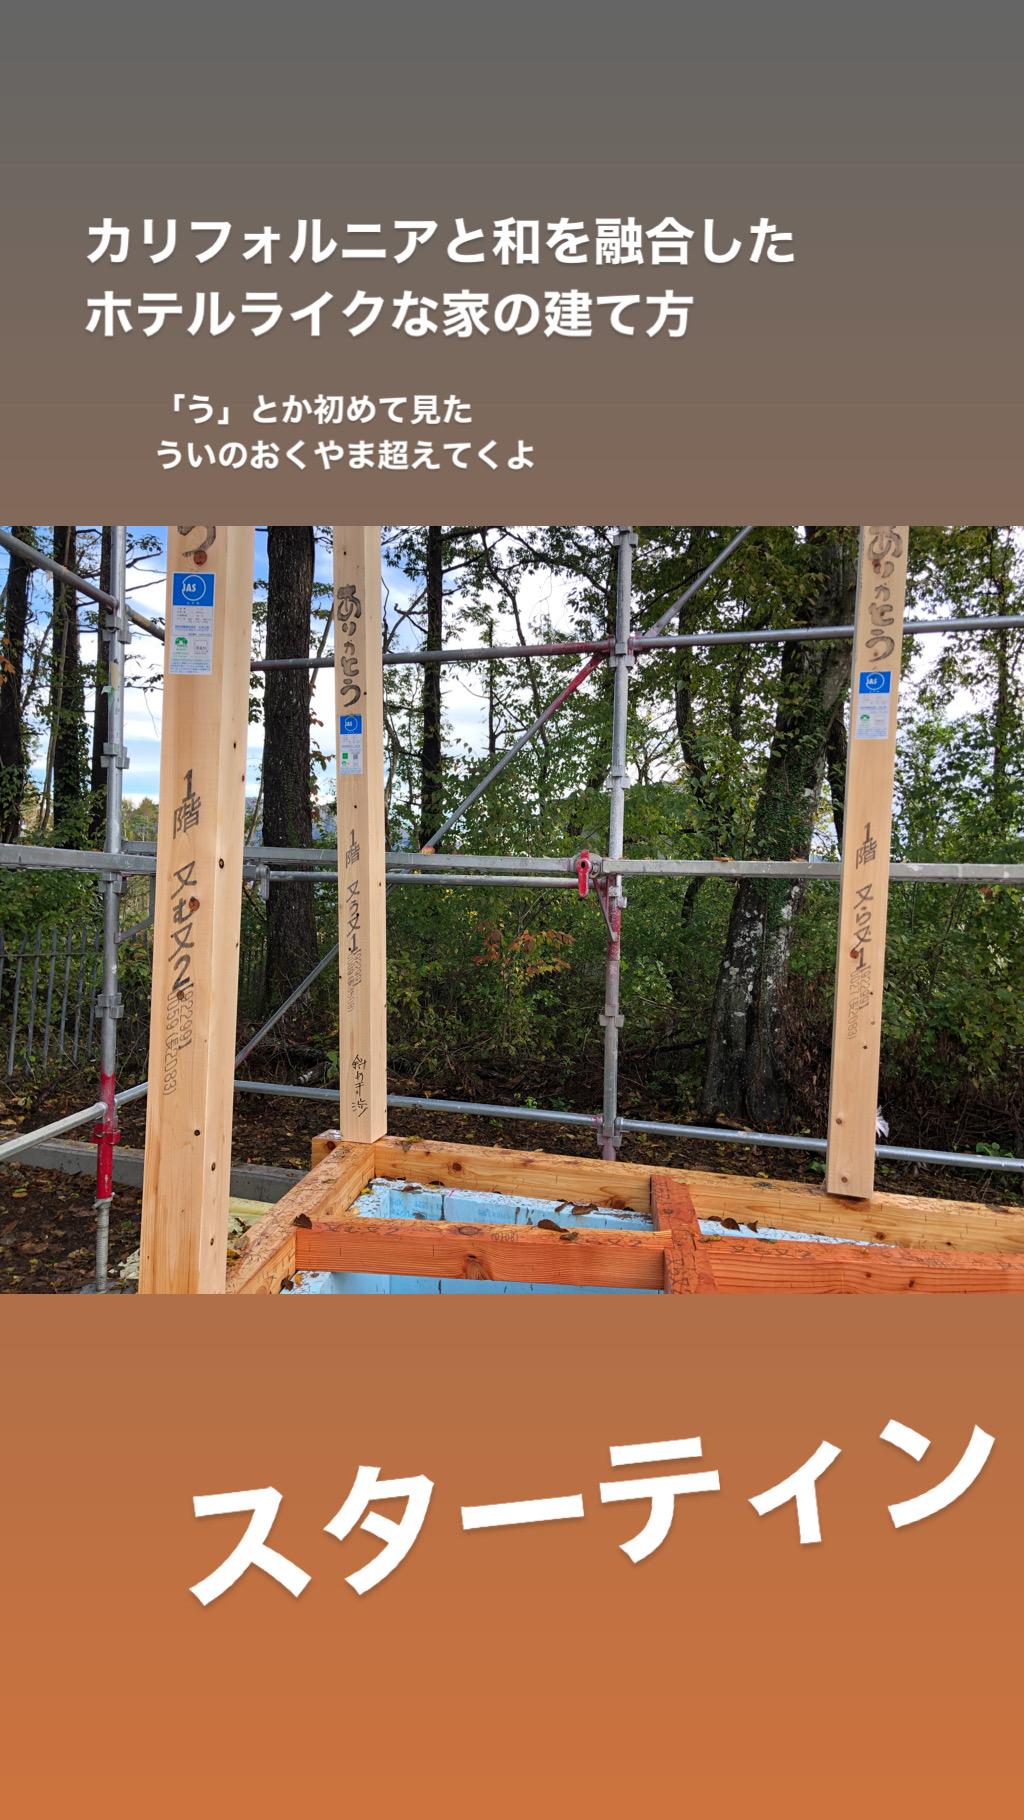 山梨県の工務店、未来建築工房とつくる注文住宅。|モデルハウス建て方